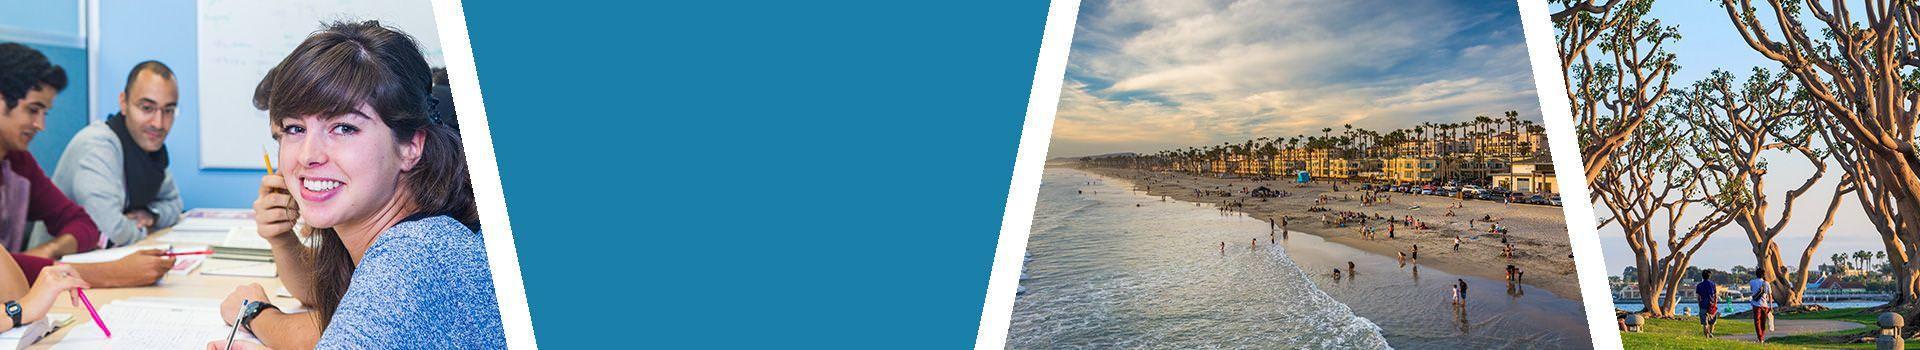 Sprachreise nach San Diego Beach für Erwachsene Slider